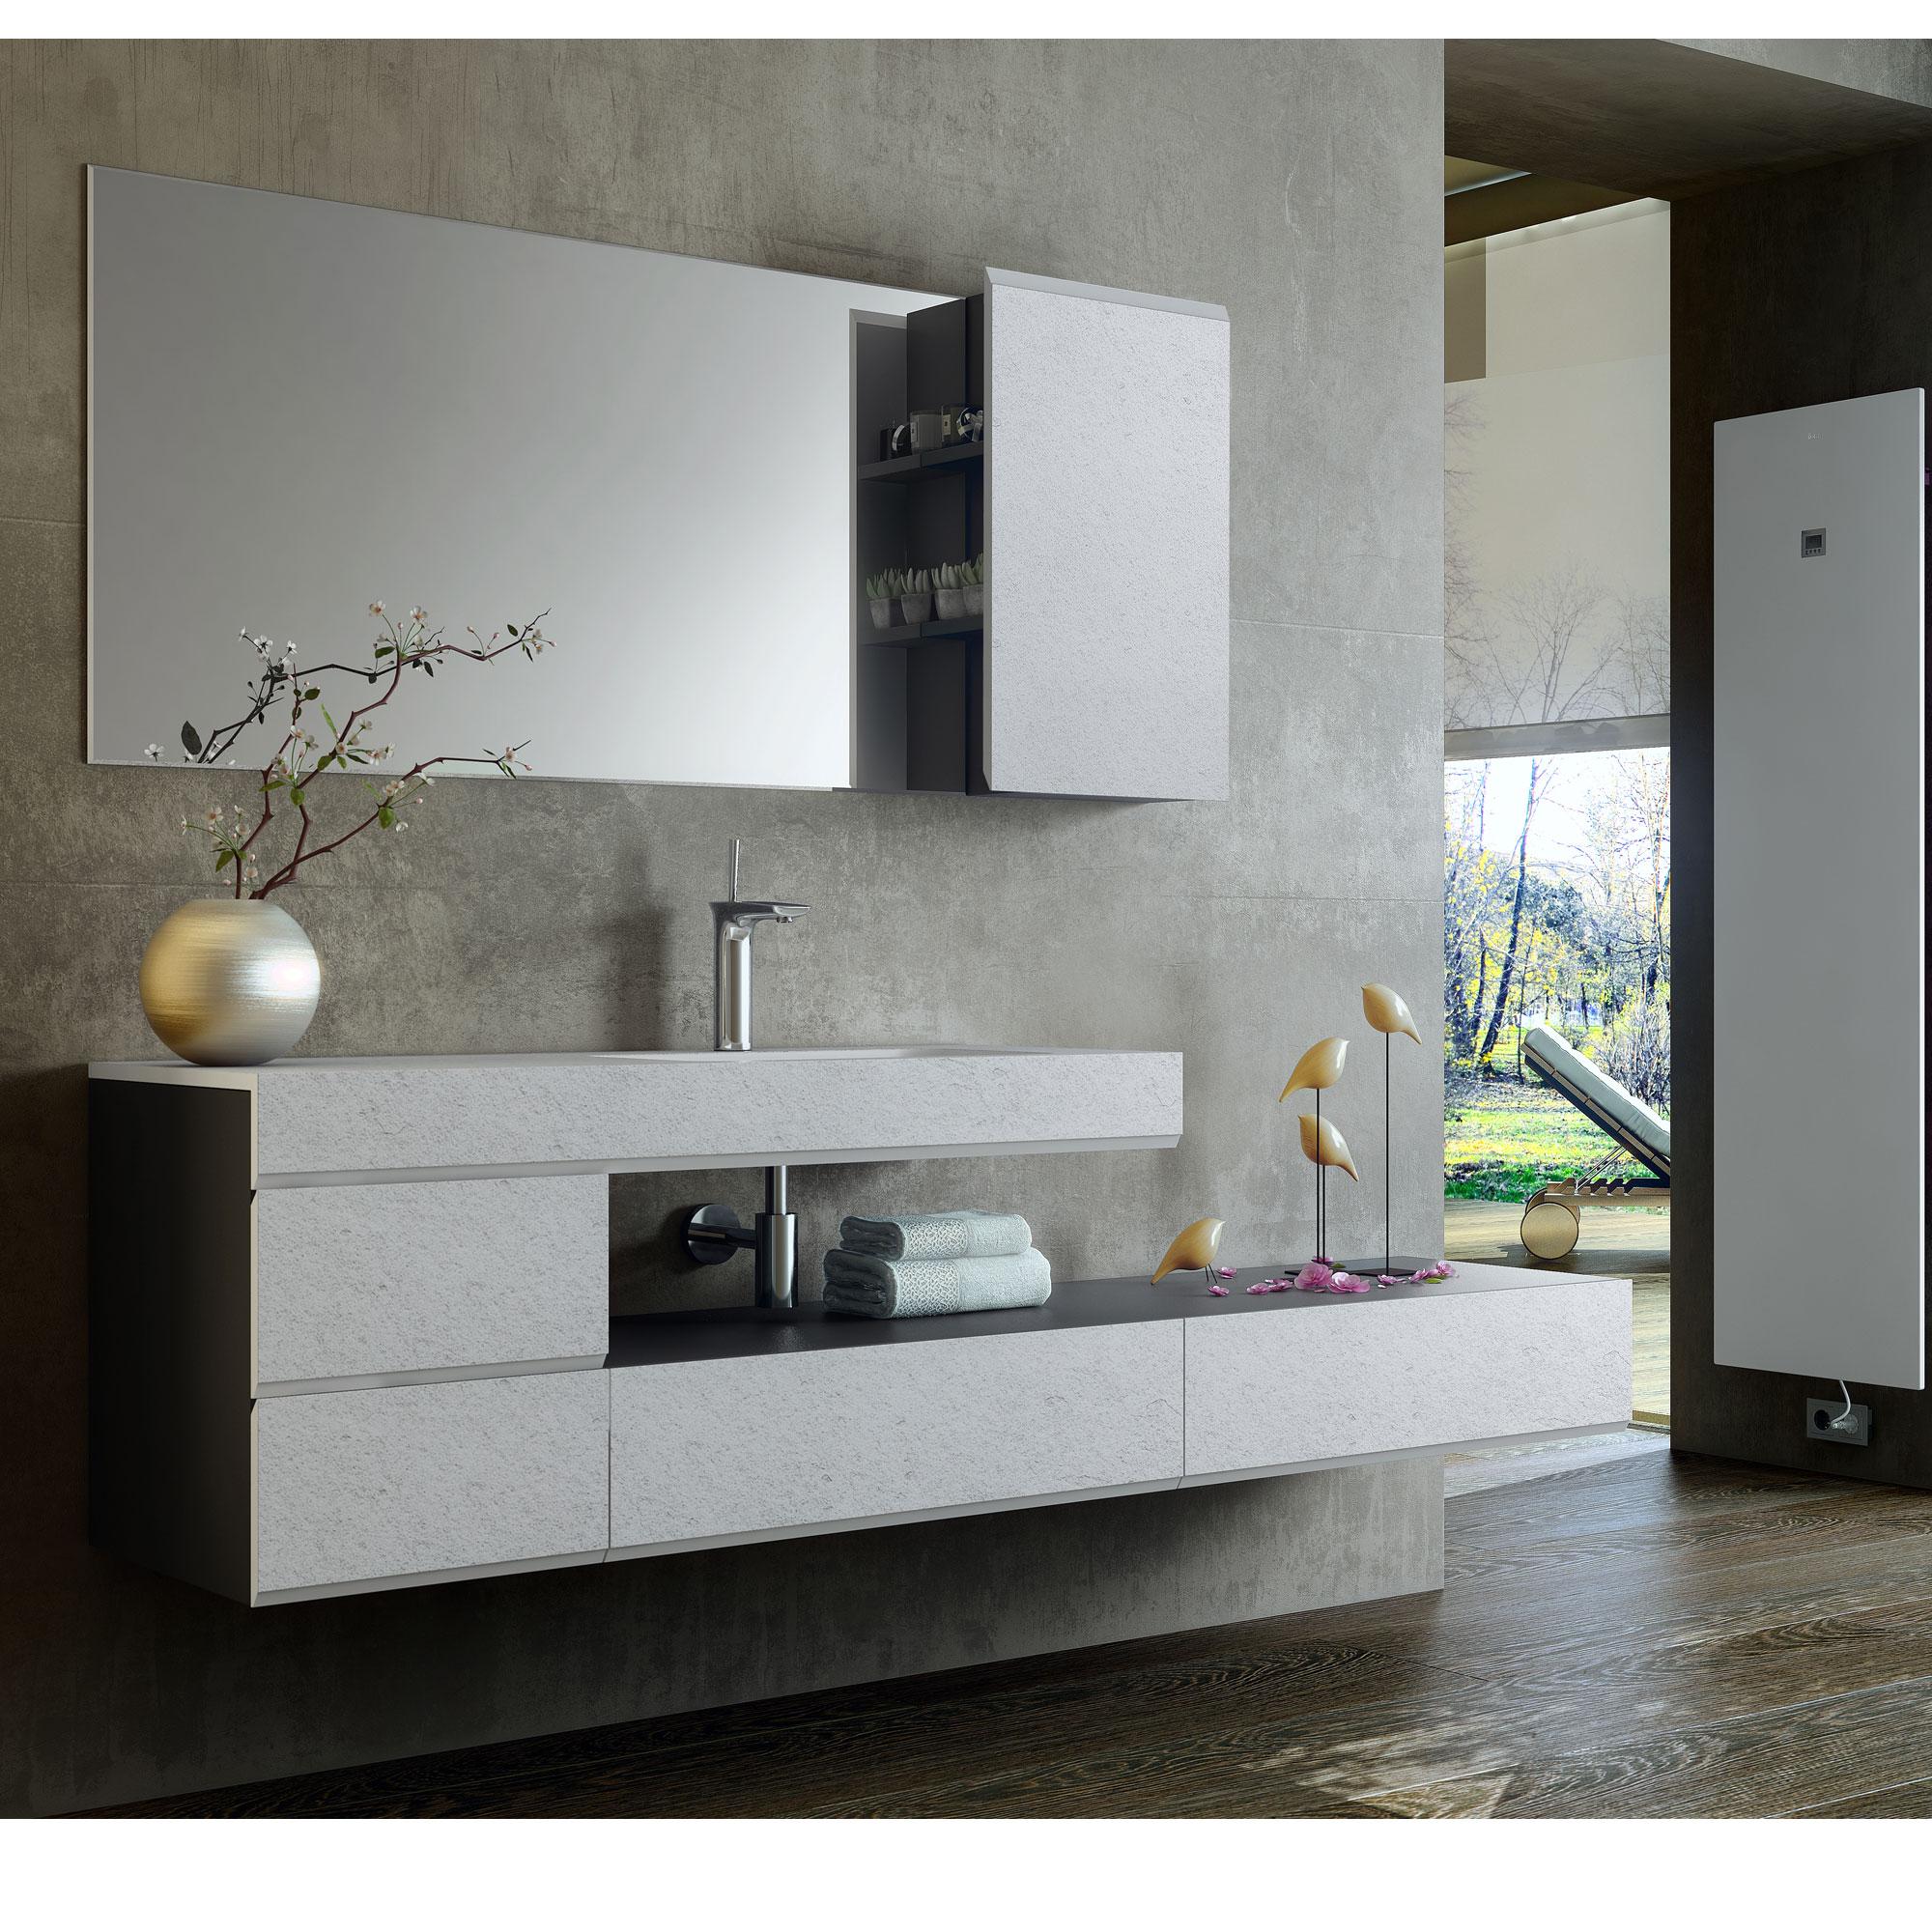 mueble es modular y te permite crear tu propio mueble, a tu manera